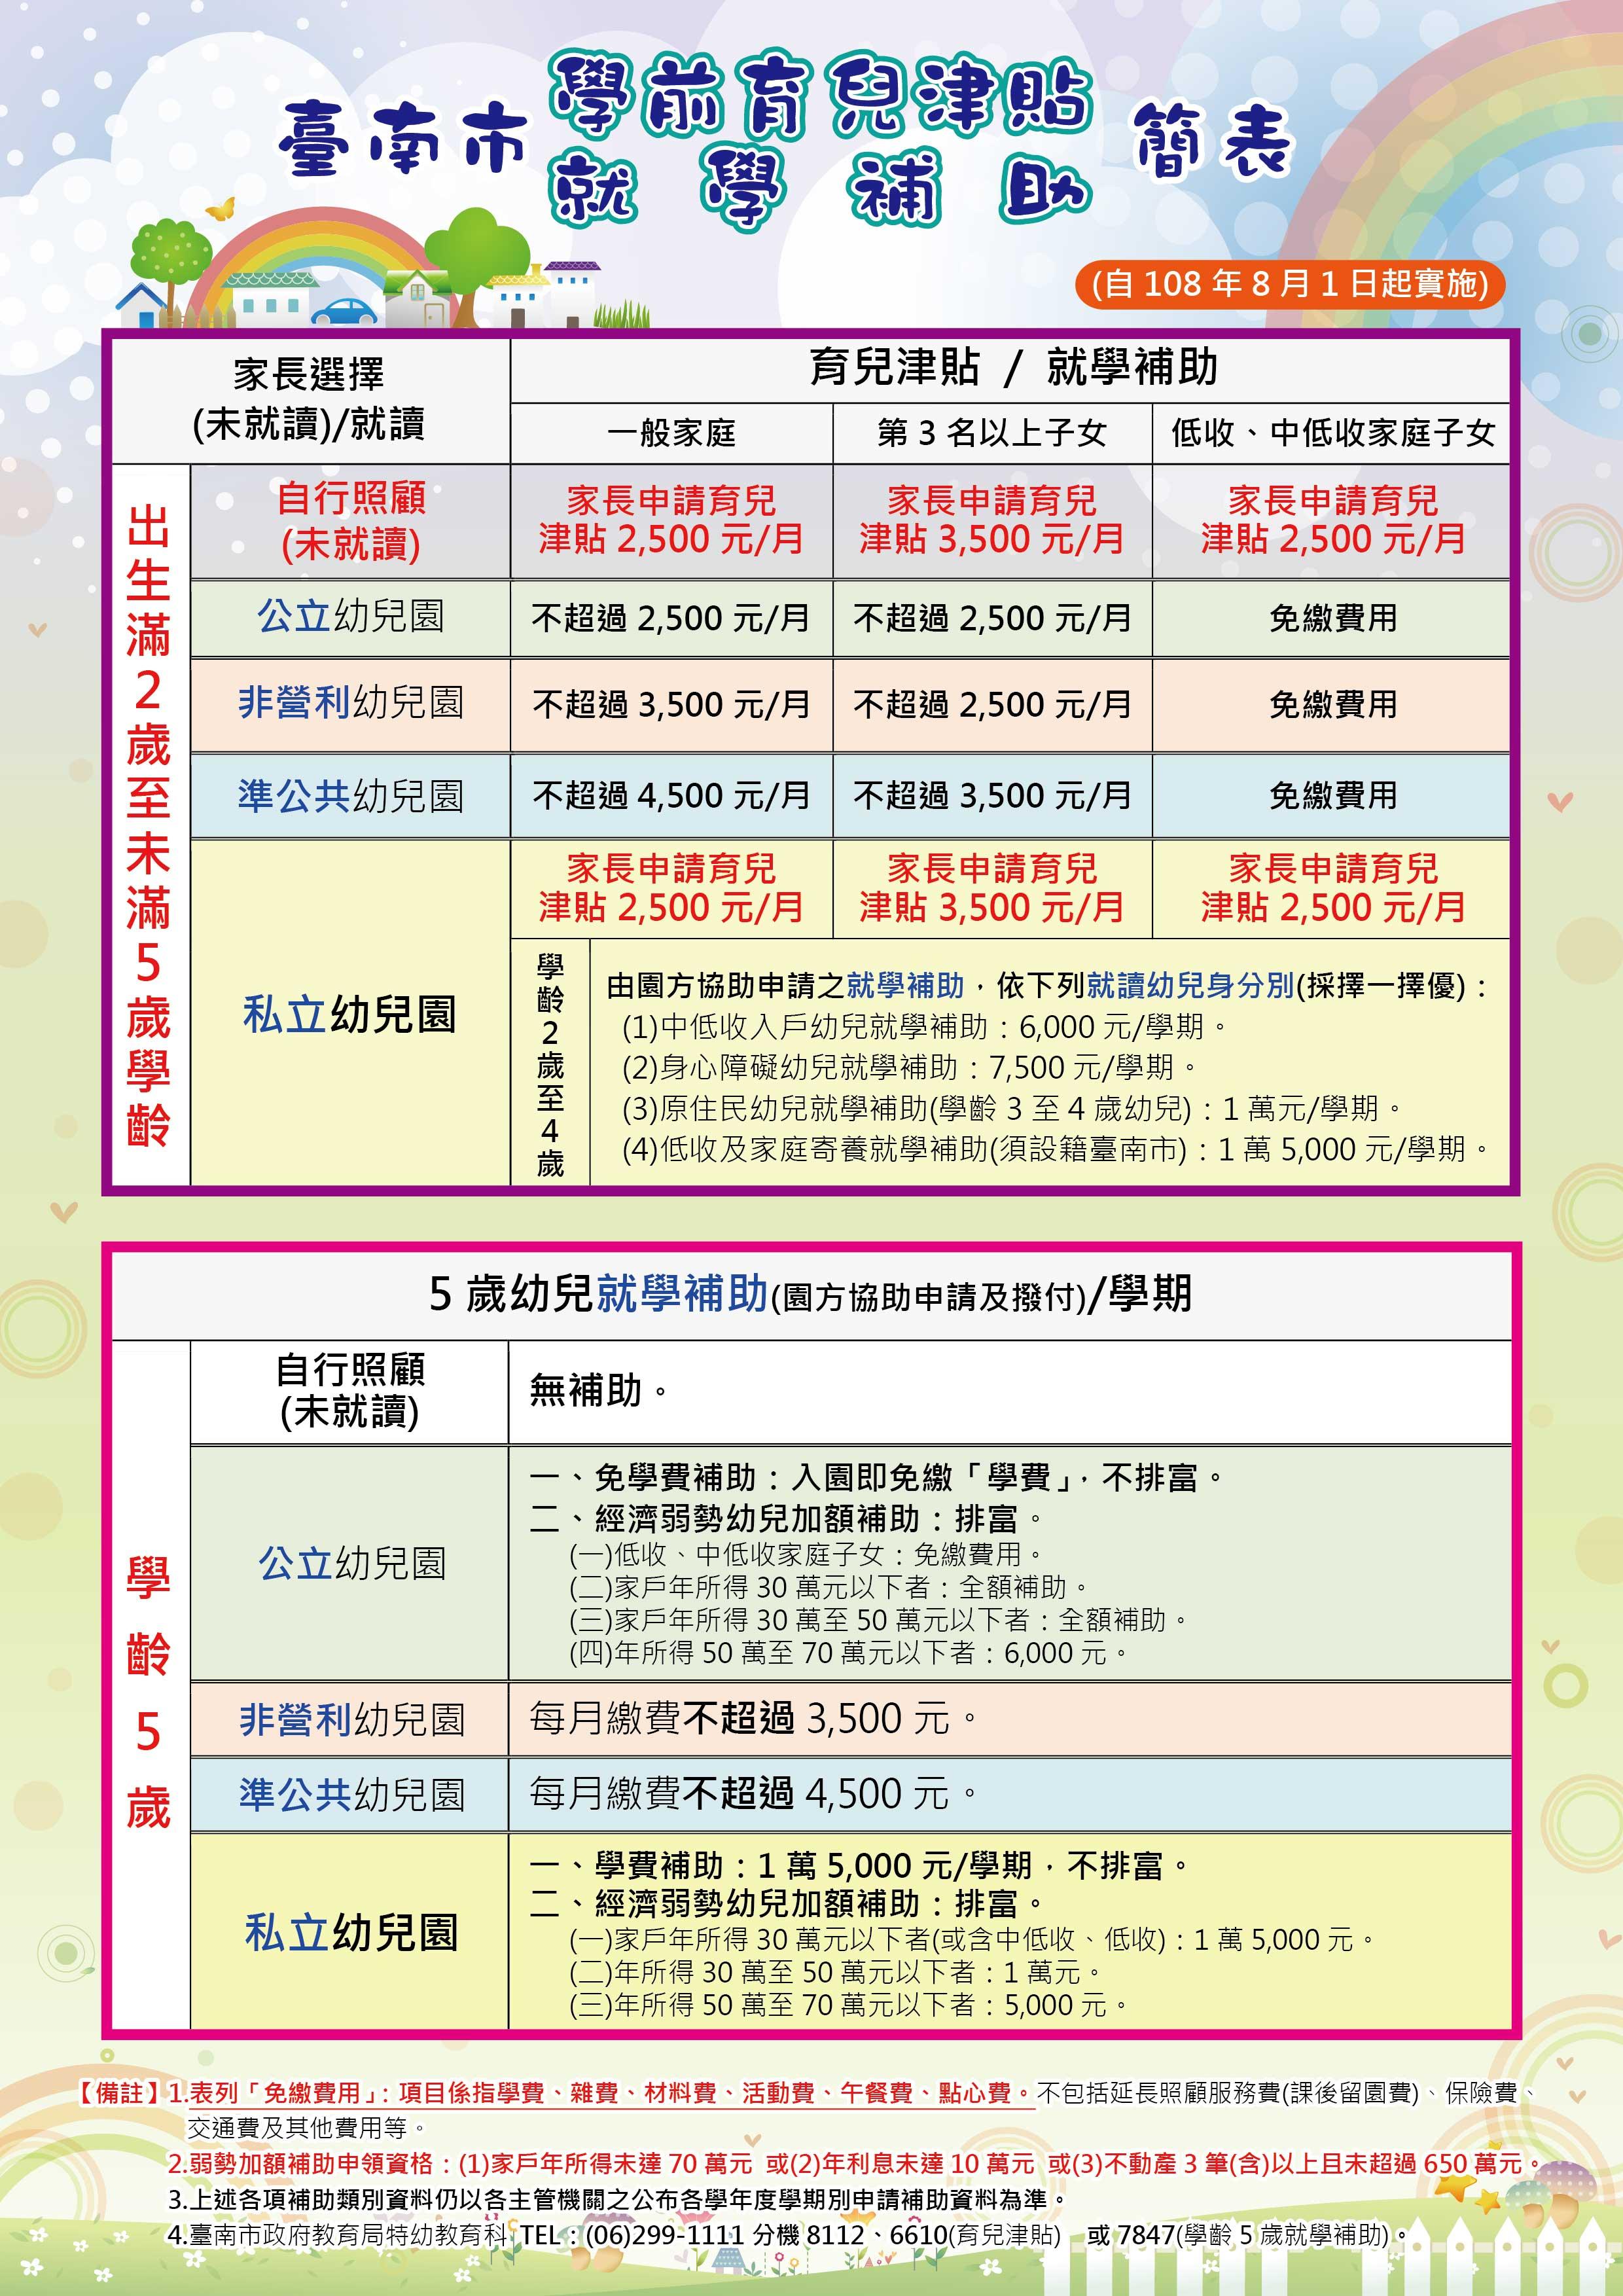 臺南市學前育兒津貼及就學補助簡表.jpg